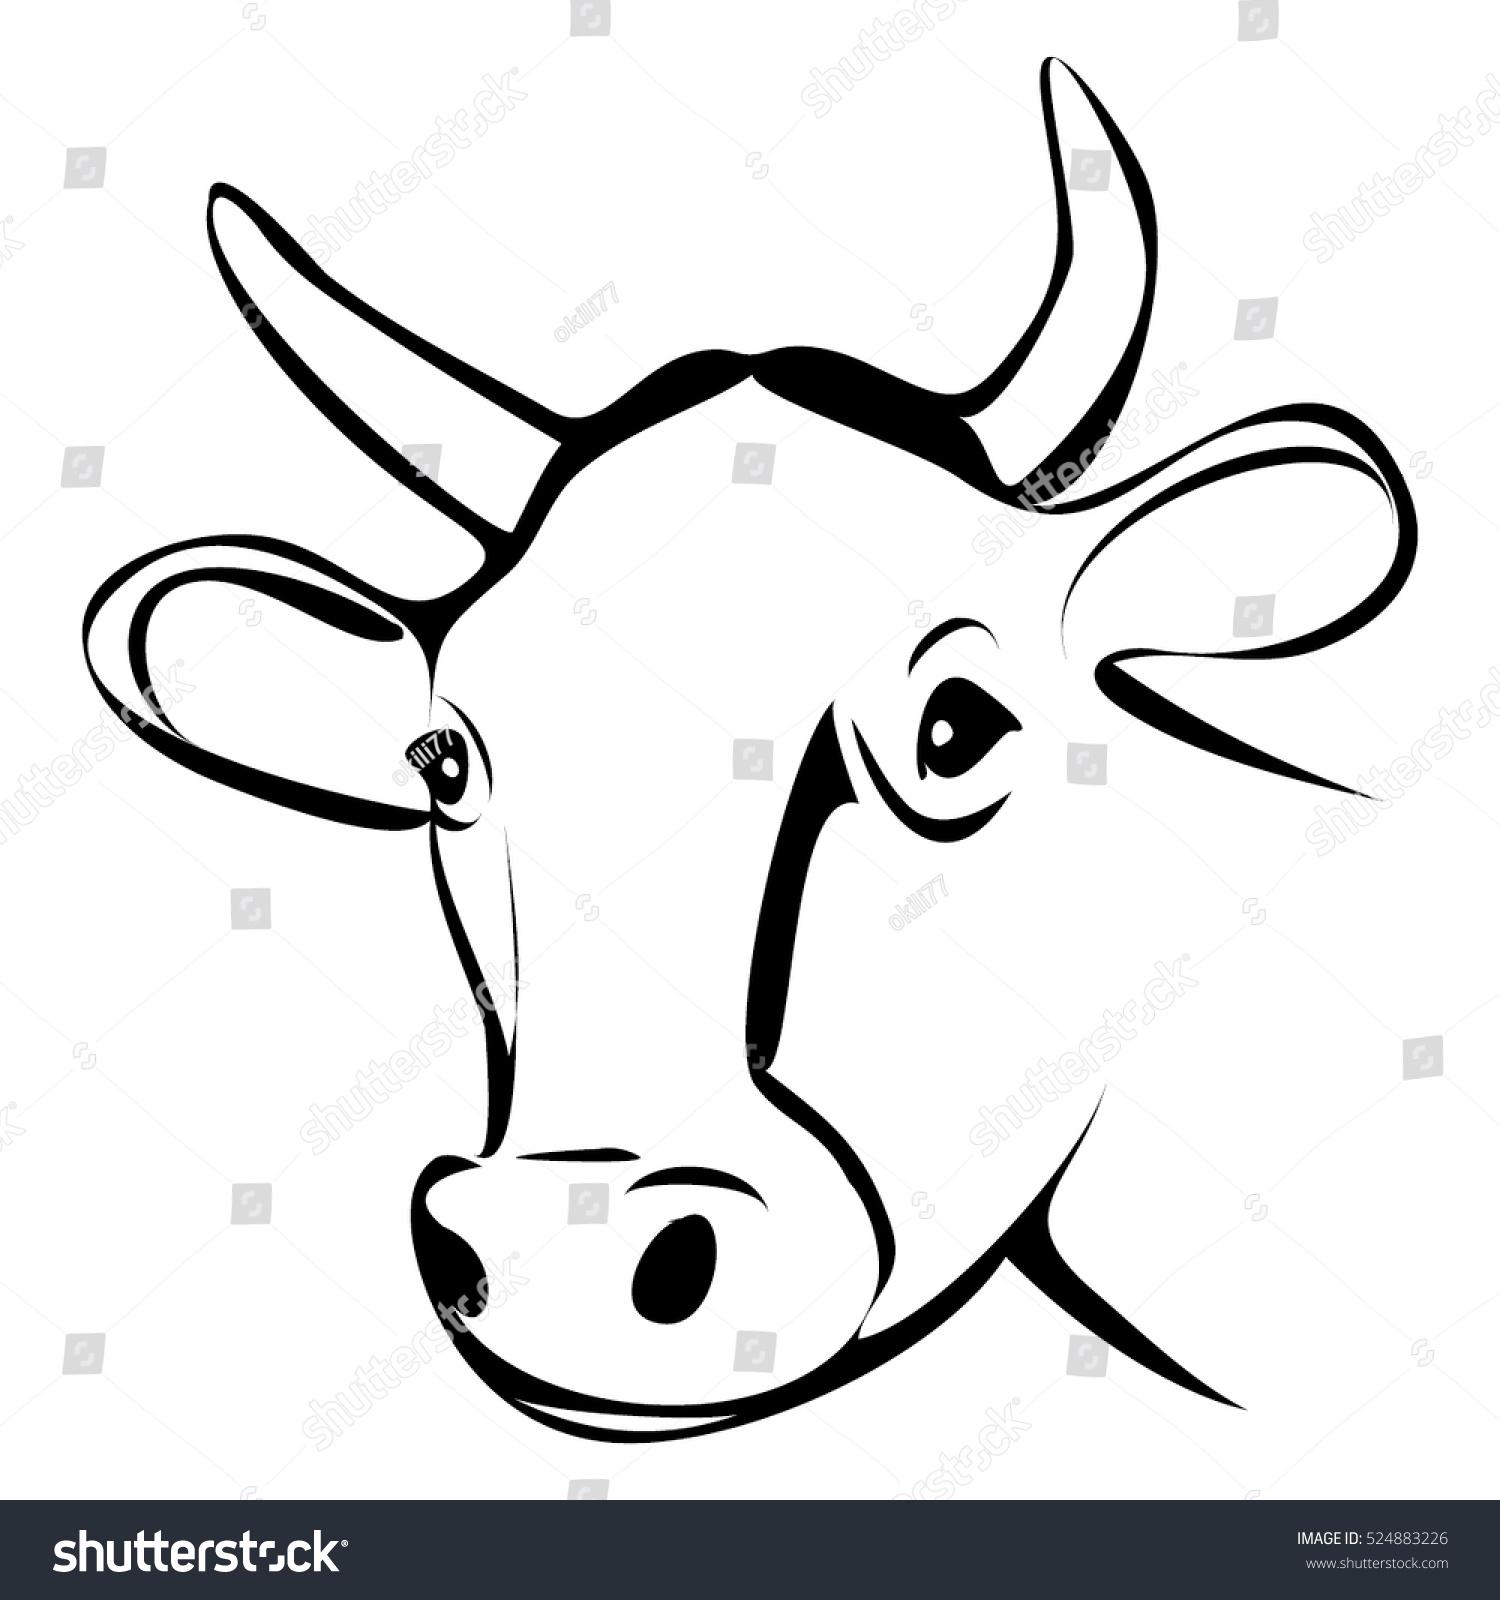 cow head outline vector stock vector 524883226 shutterstock